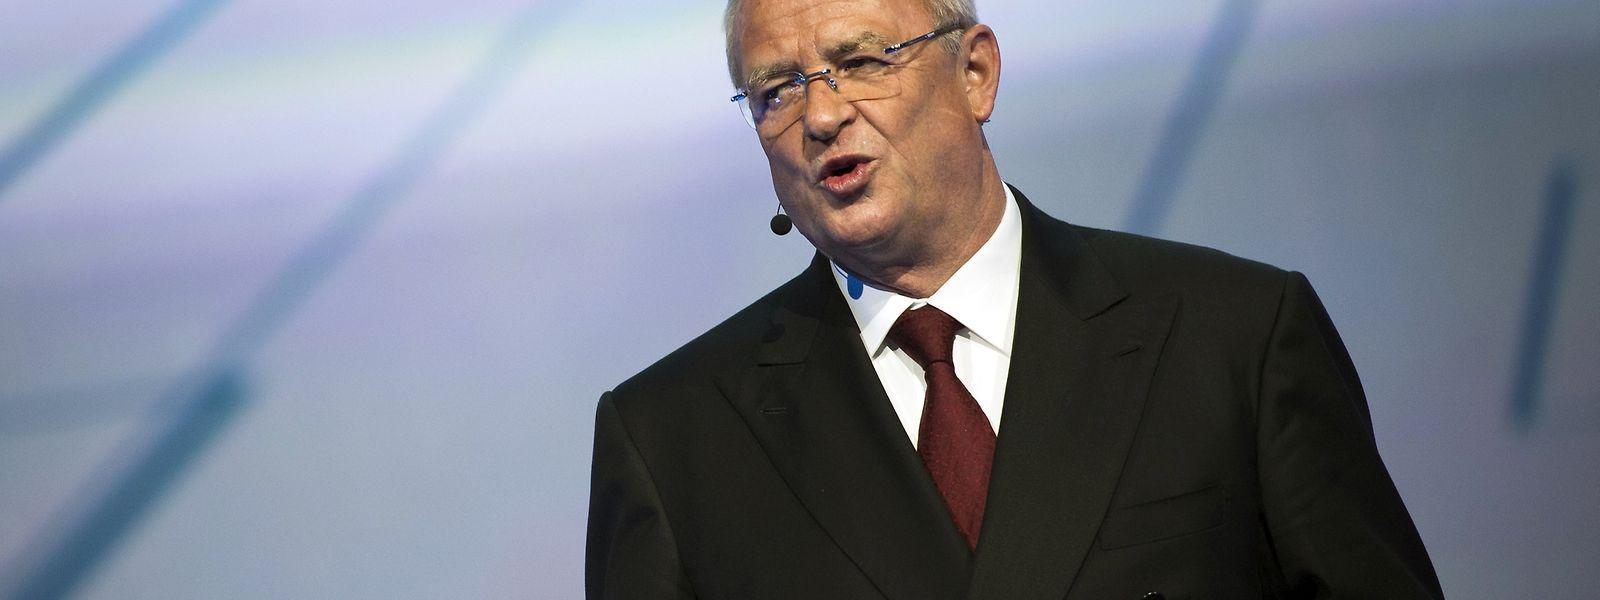 """Volkswagen-Chef Martin Winterkorn wollte """"Volkswagen ein Stück weit neu erfinden""""."""